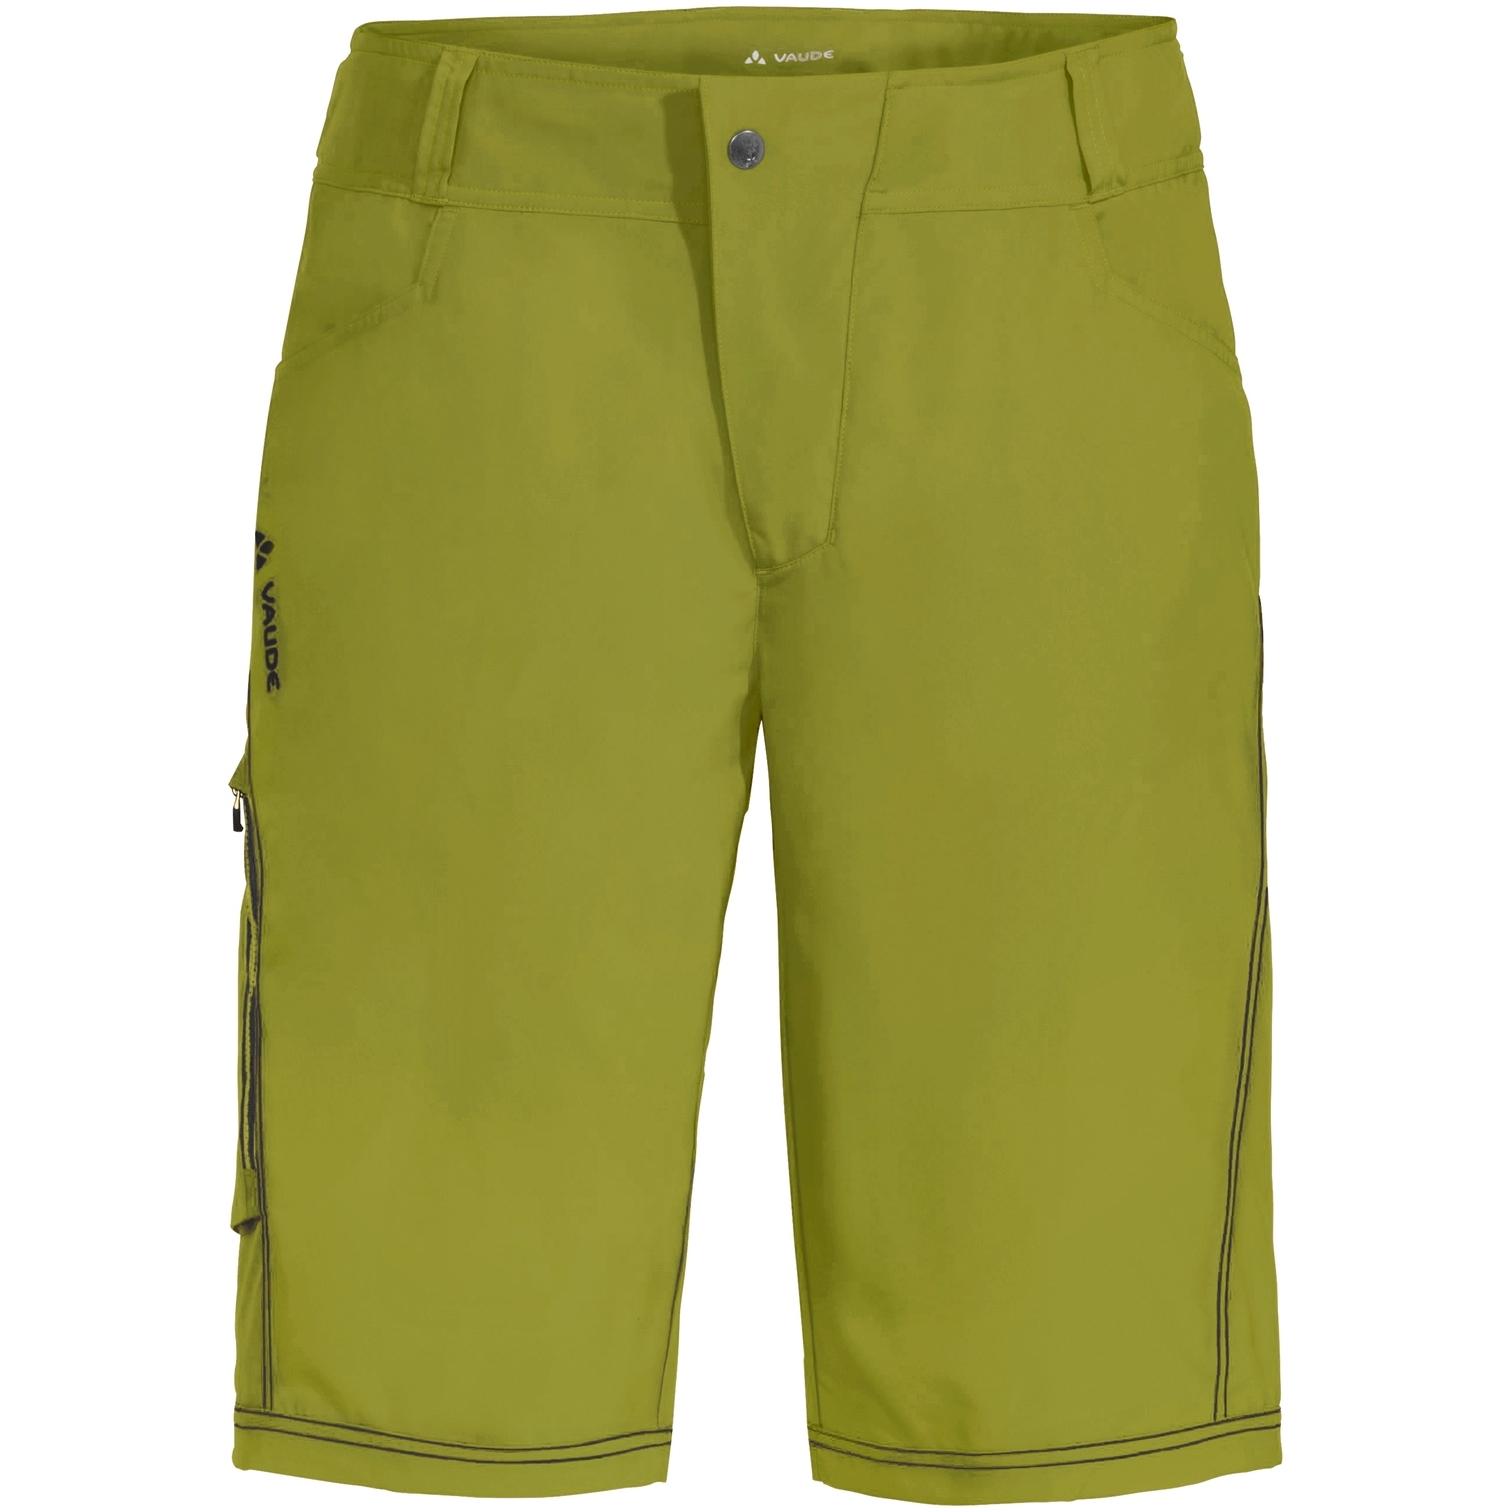 Vaude Ledro Shorts - avocado